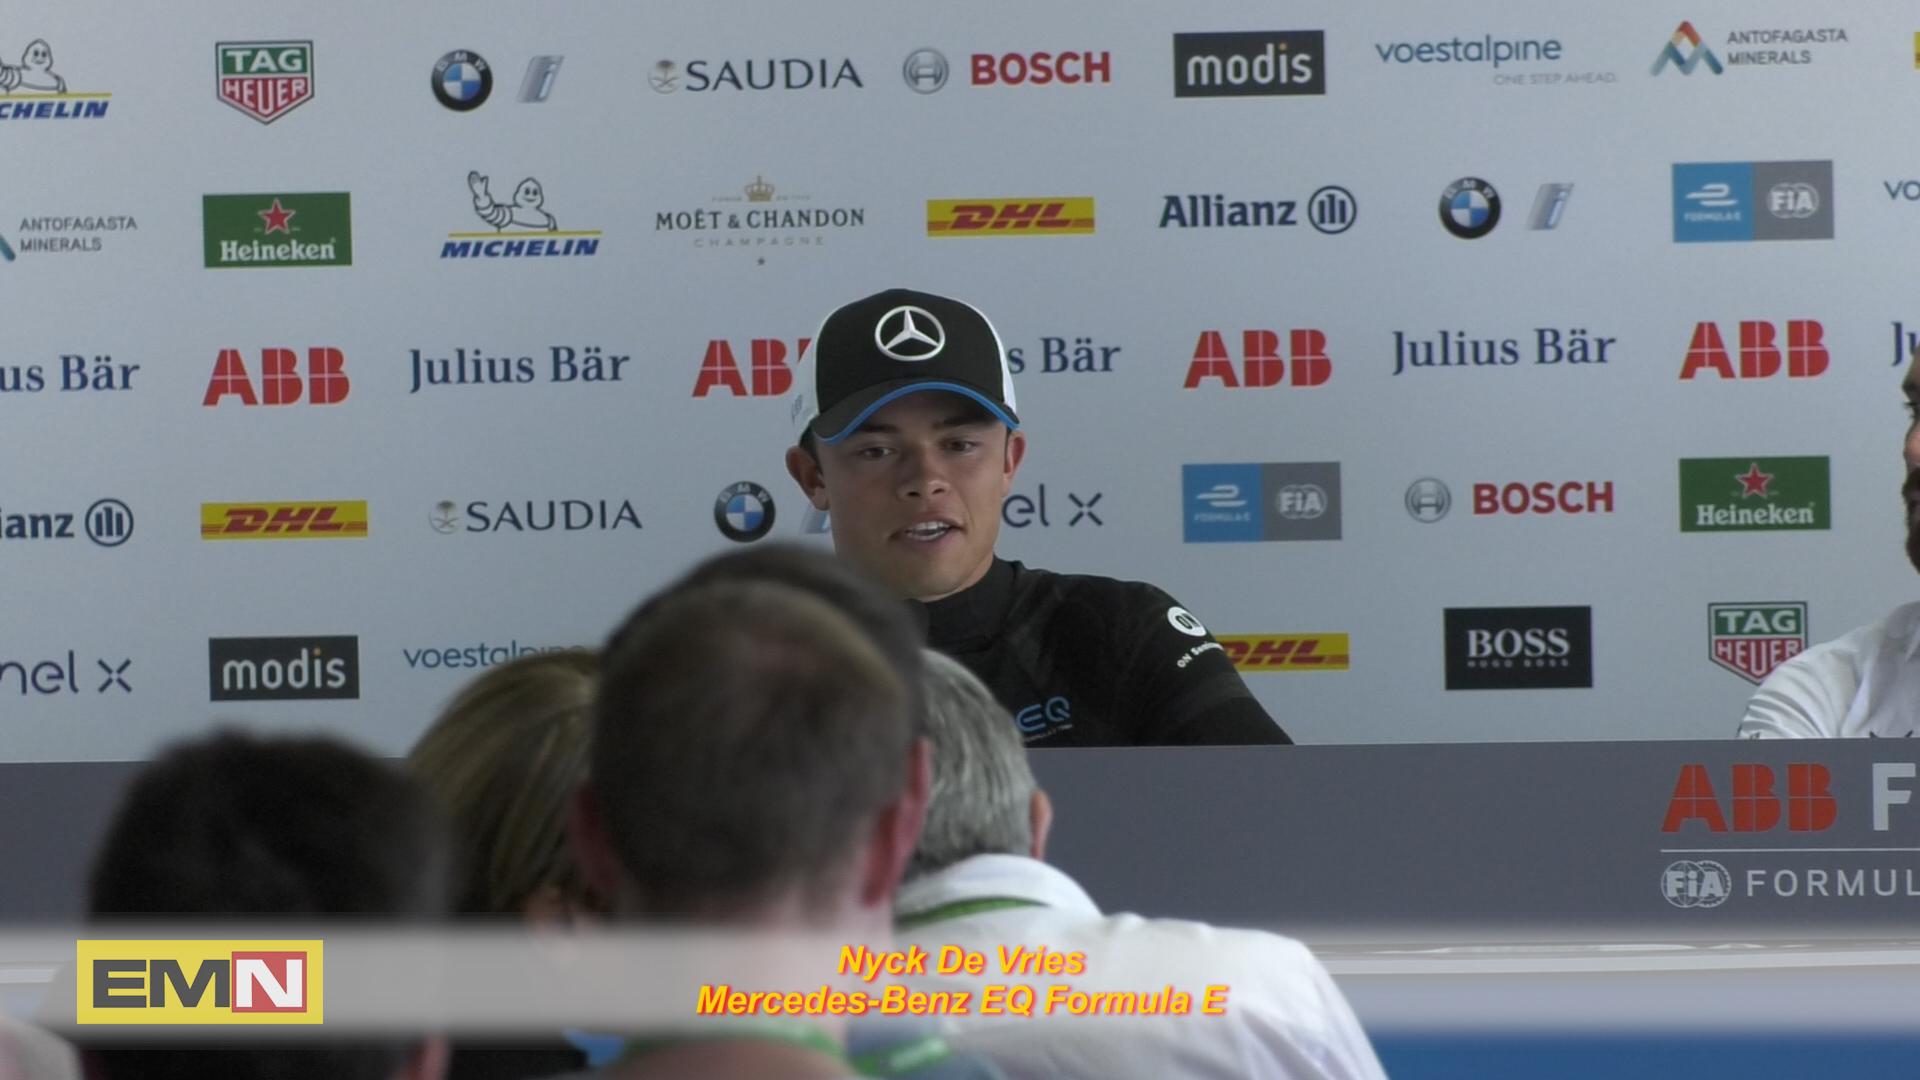 5-Press-Conference-Drivers-De-Vries